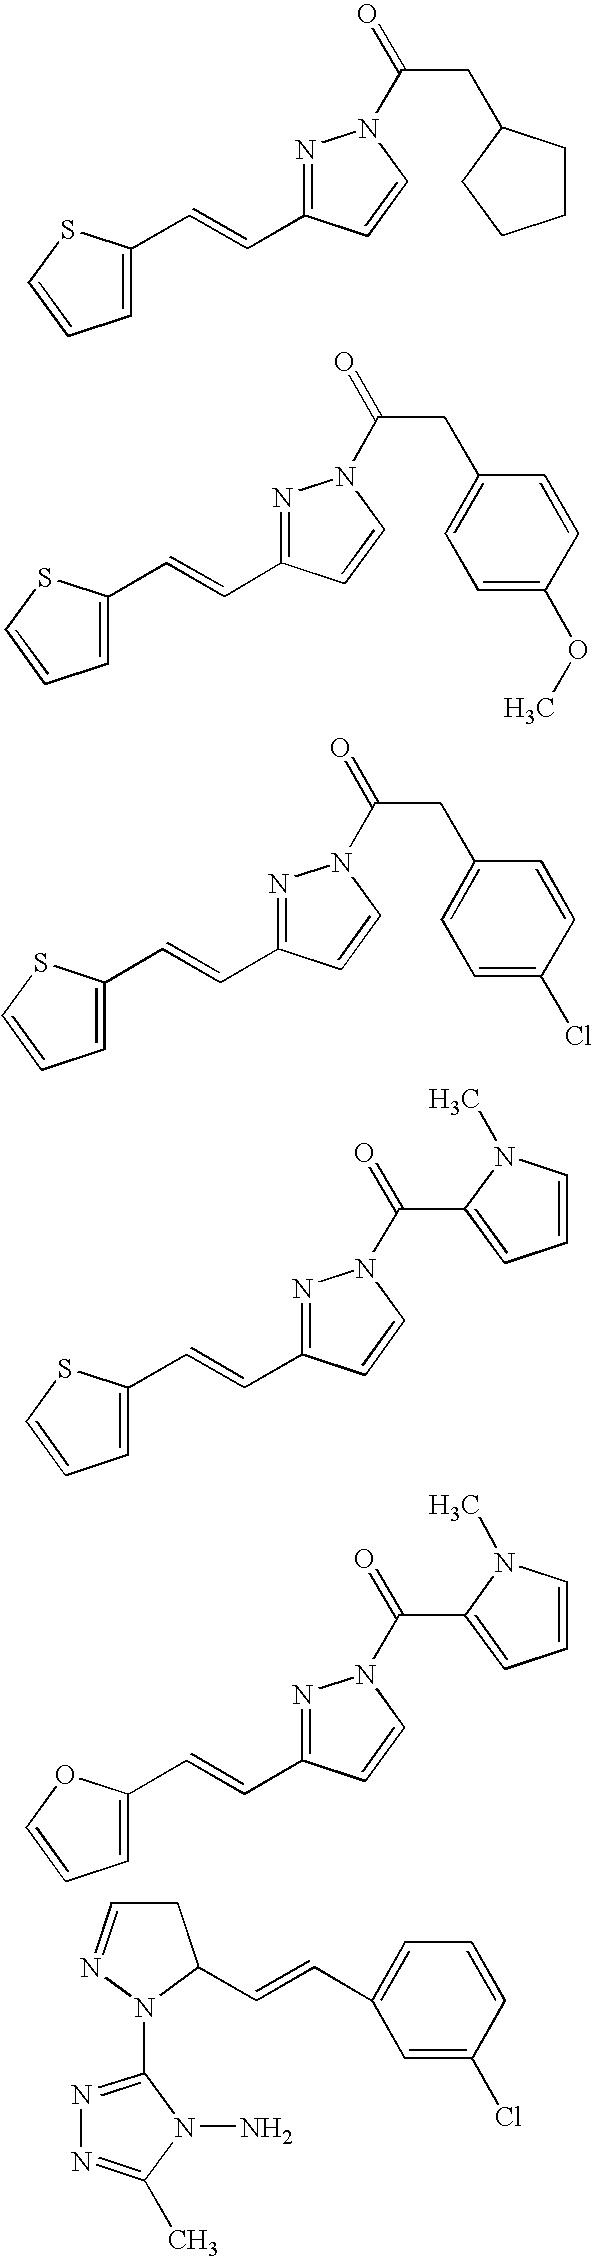 Figure US07192976-20070320-C00038